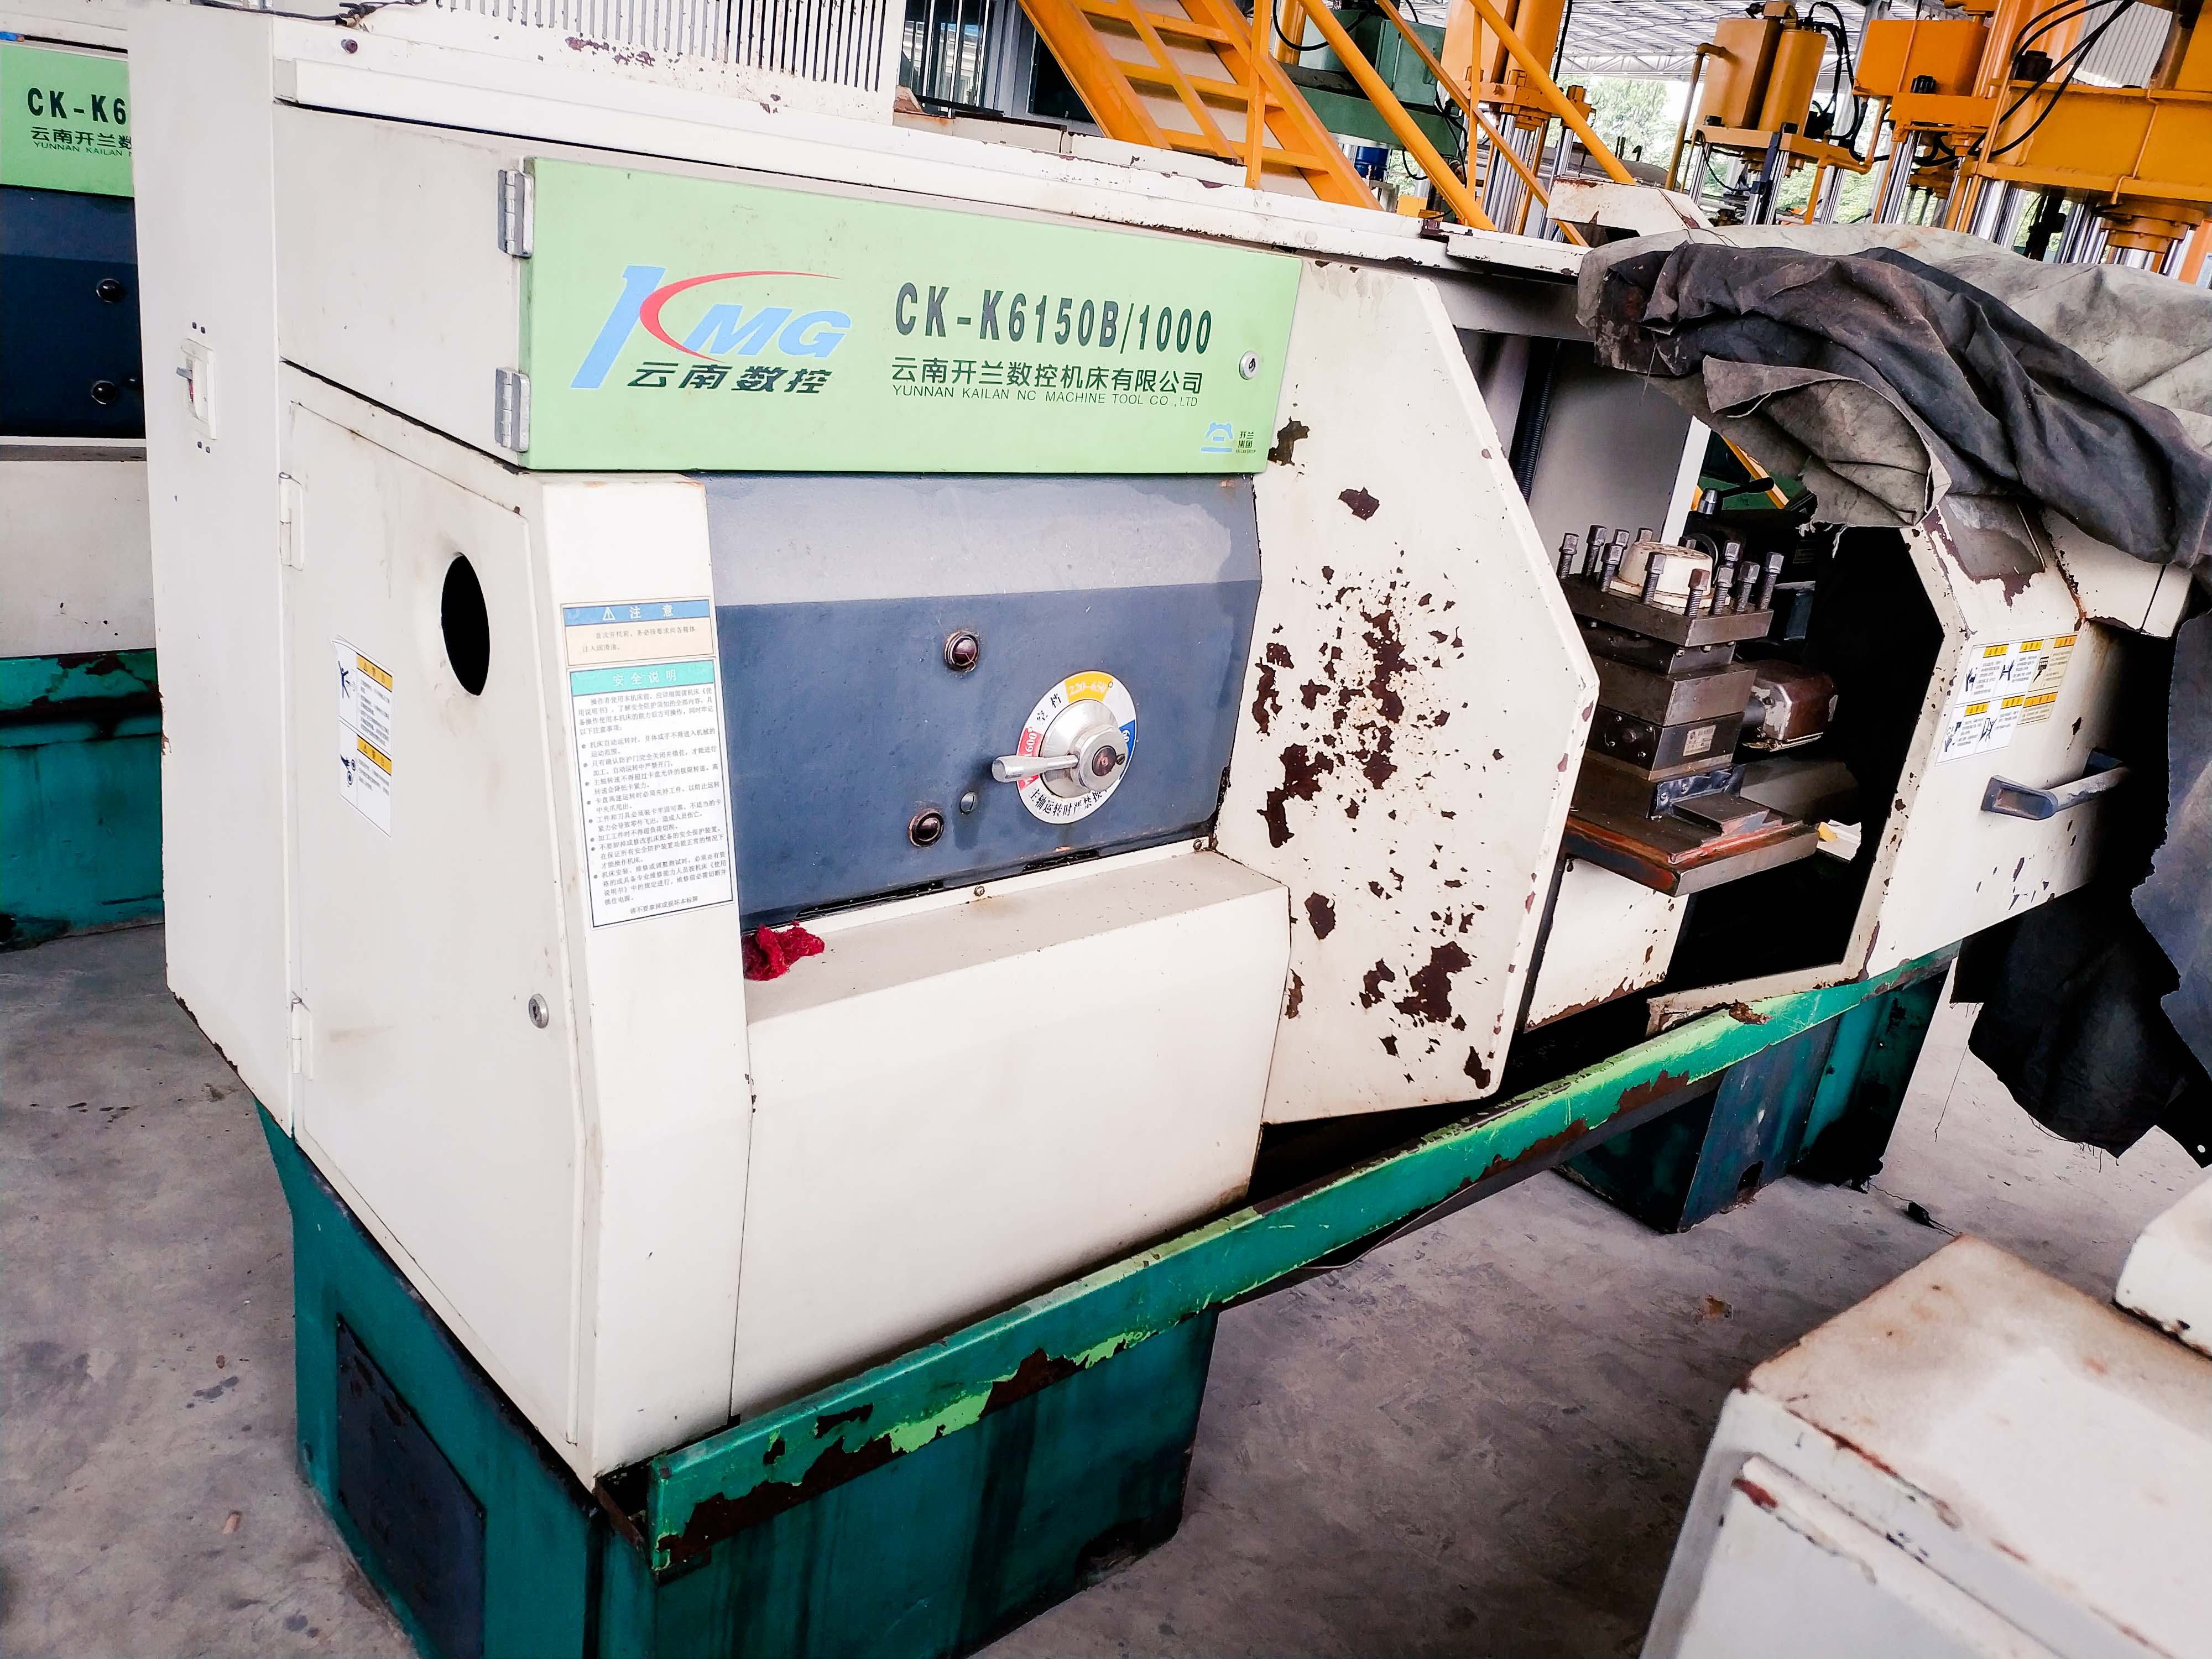 CK-K6150B/1000数控机床